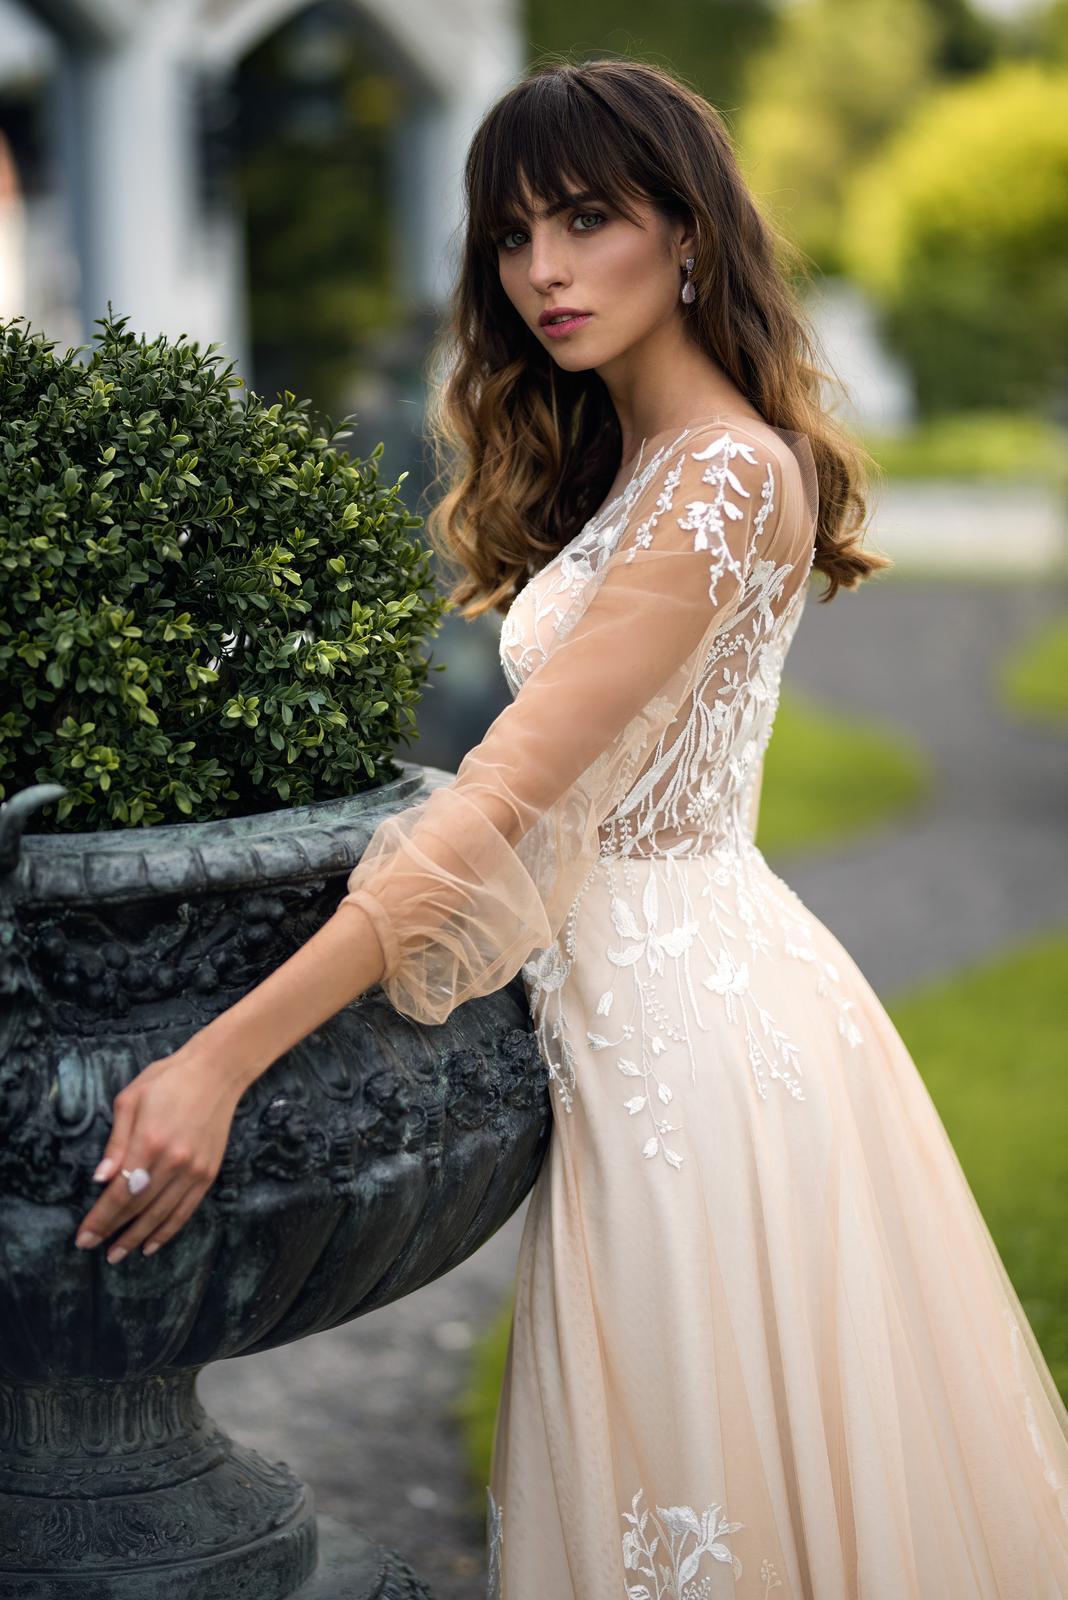 Svadobné šaty - nová kolekcia - WEDDING GALLERY - Svadobné šaty - WEDDING GALLERY - svadobný salón Bratislava